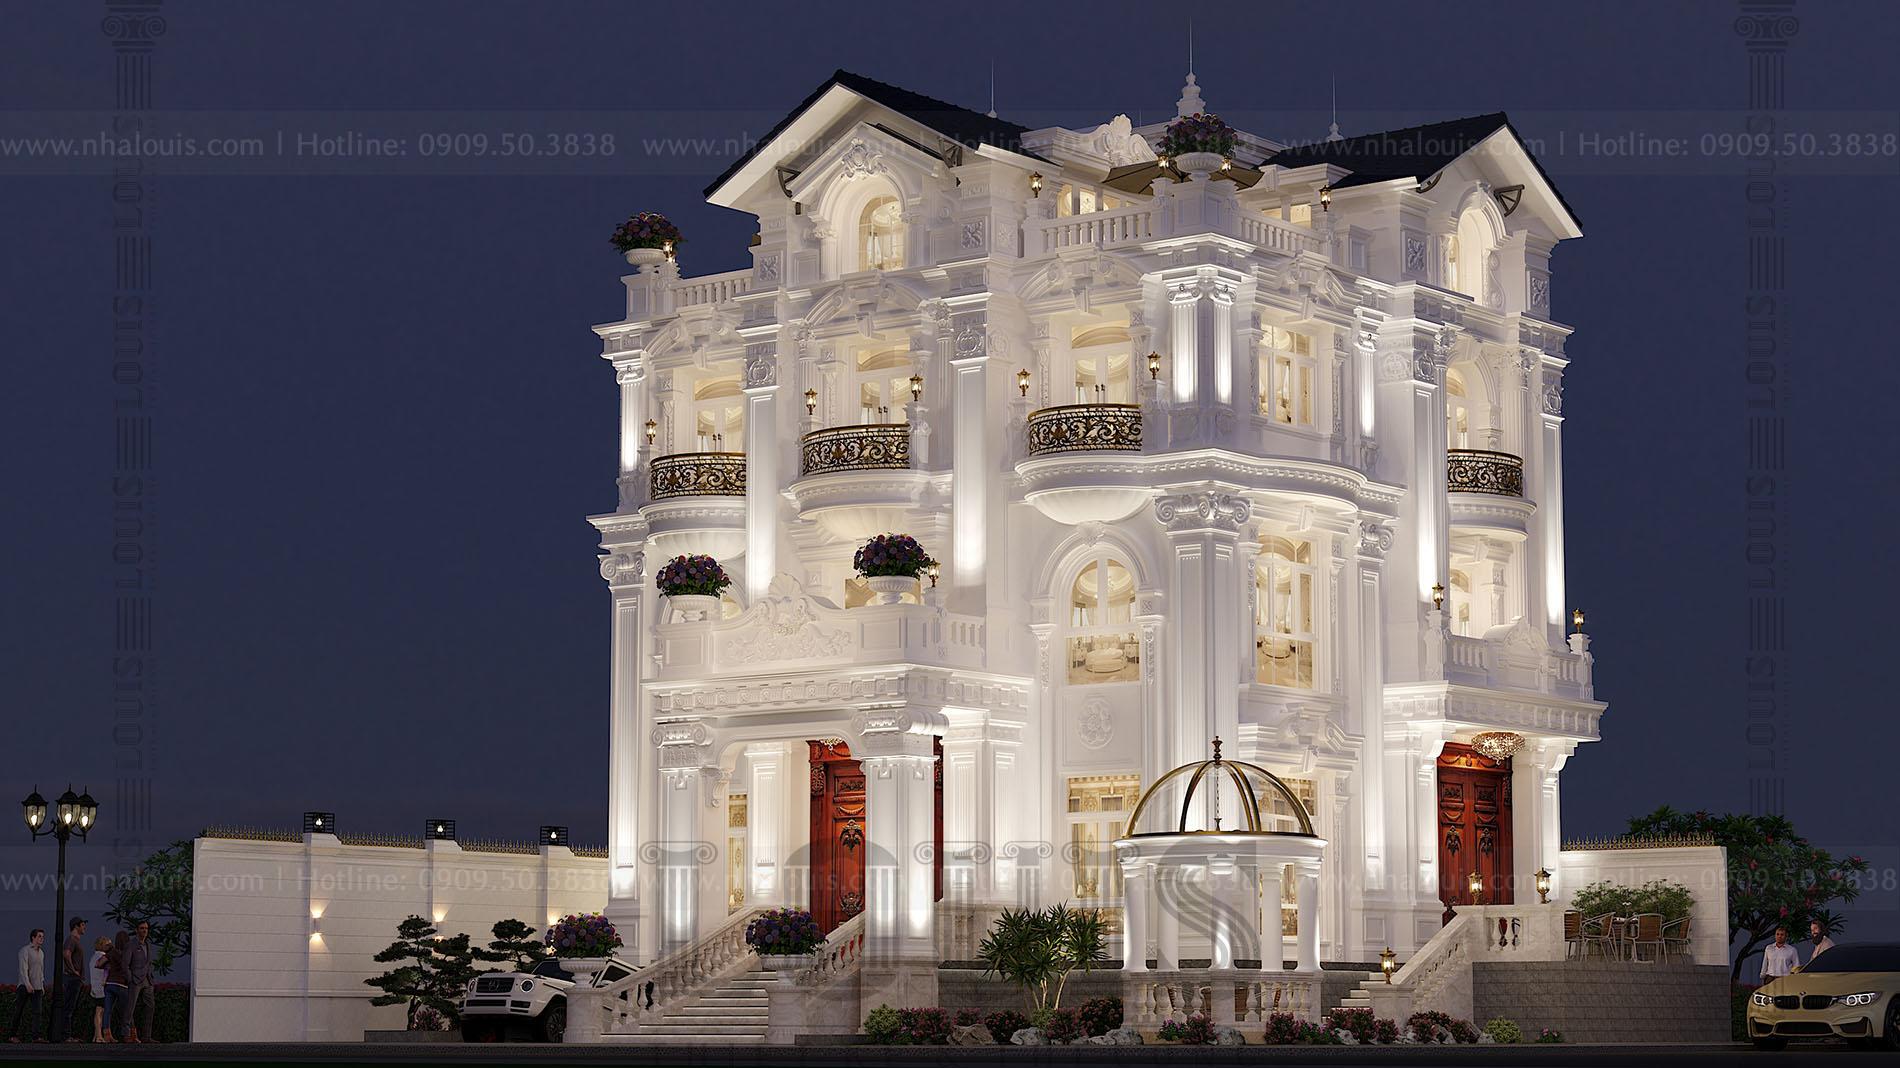 thiết kế biệt thự cổ điển 5 tầng sang trọng tại Bình Tân